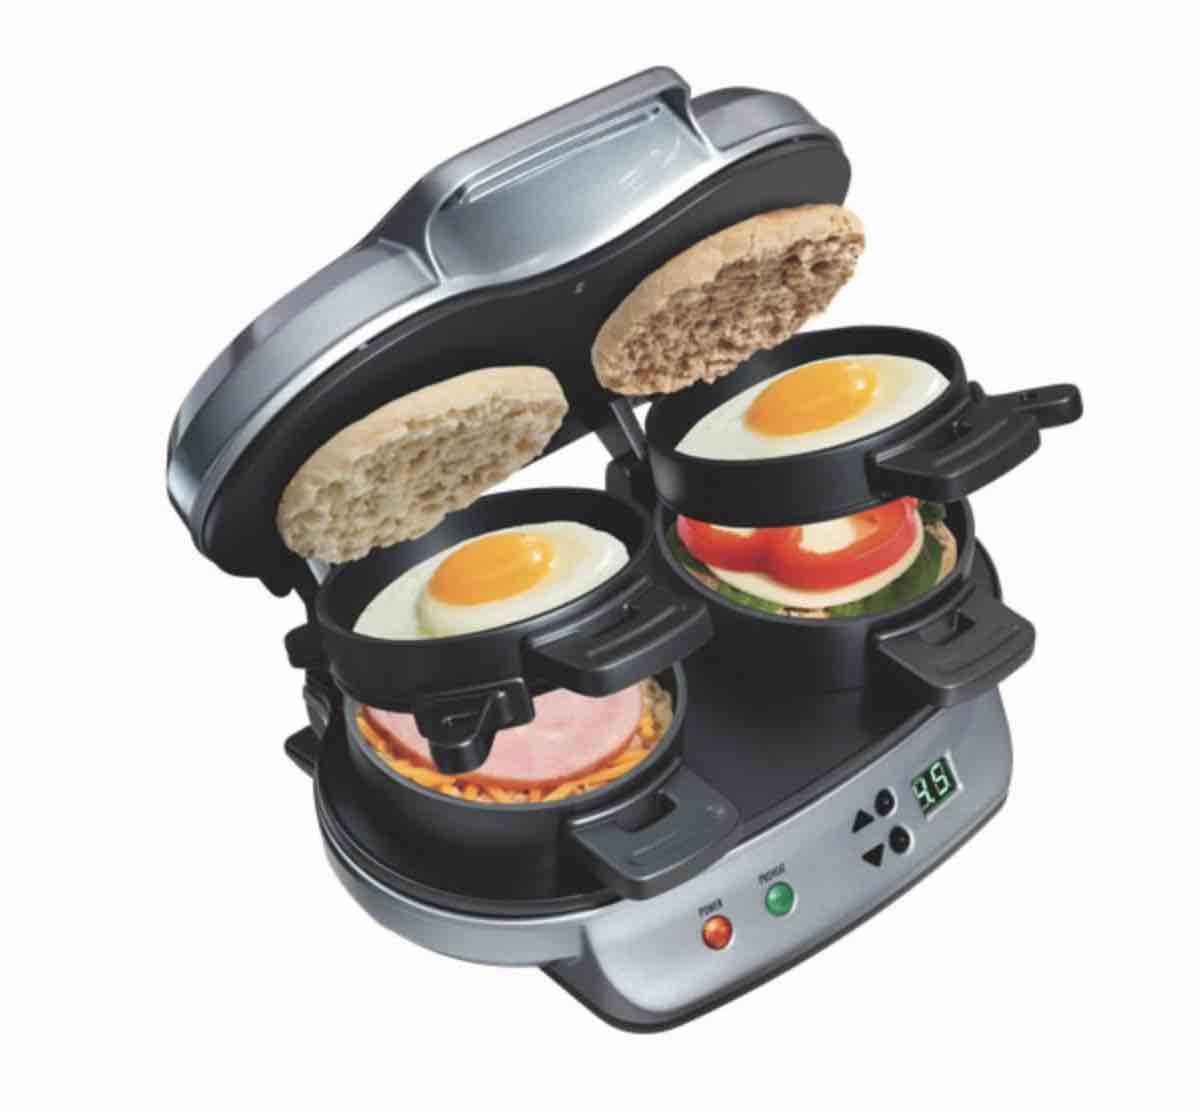 breakfast sandwich maker back to school small kitchen appliances